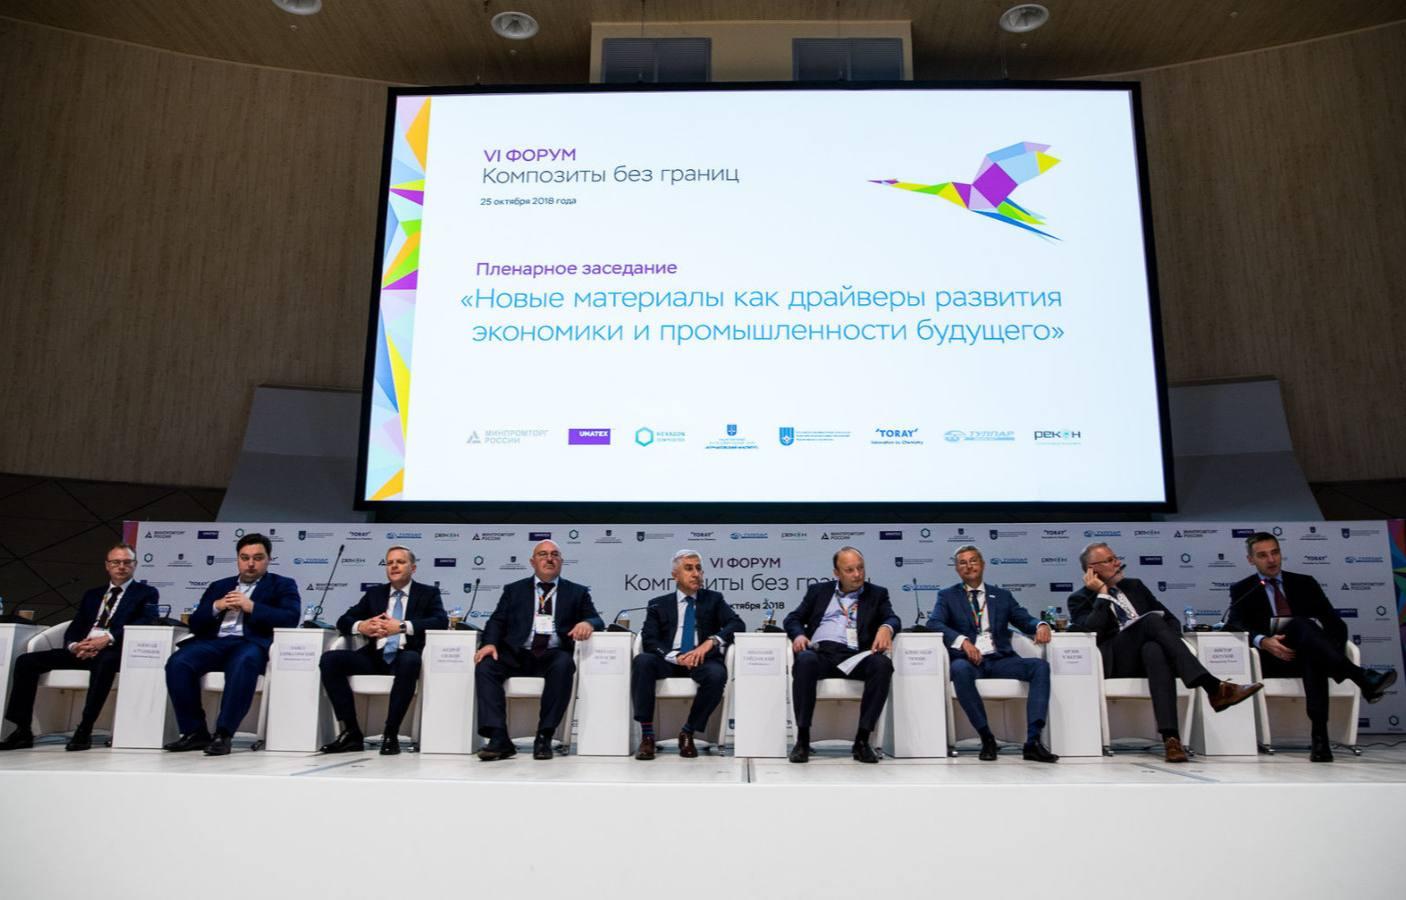 7 технологический Форум «Композиты без границ»